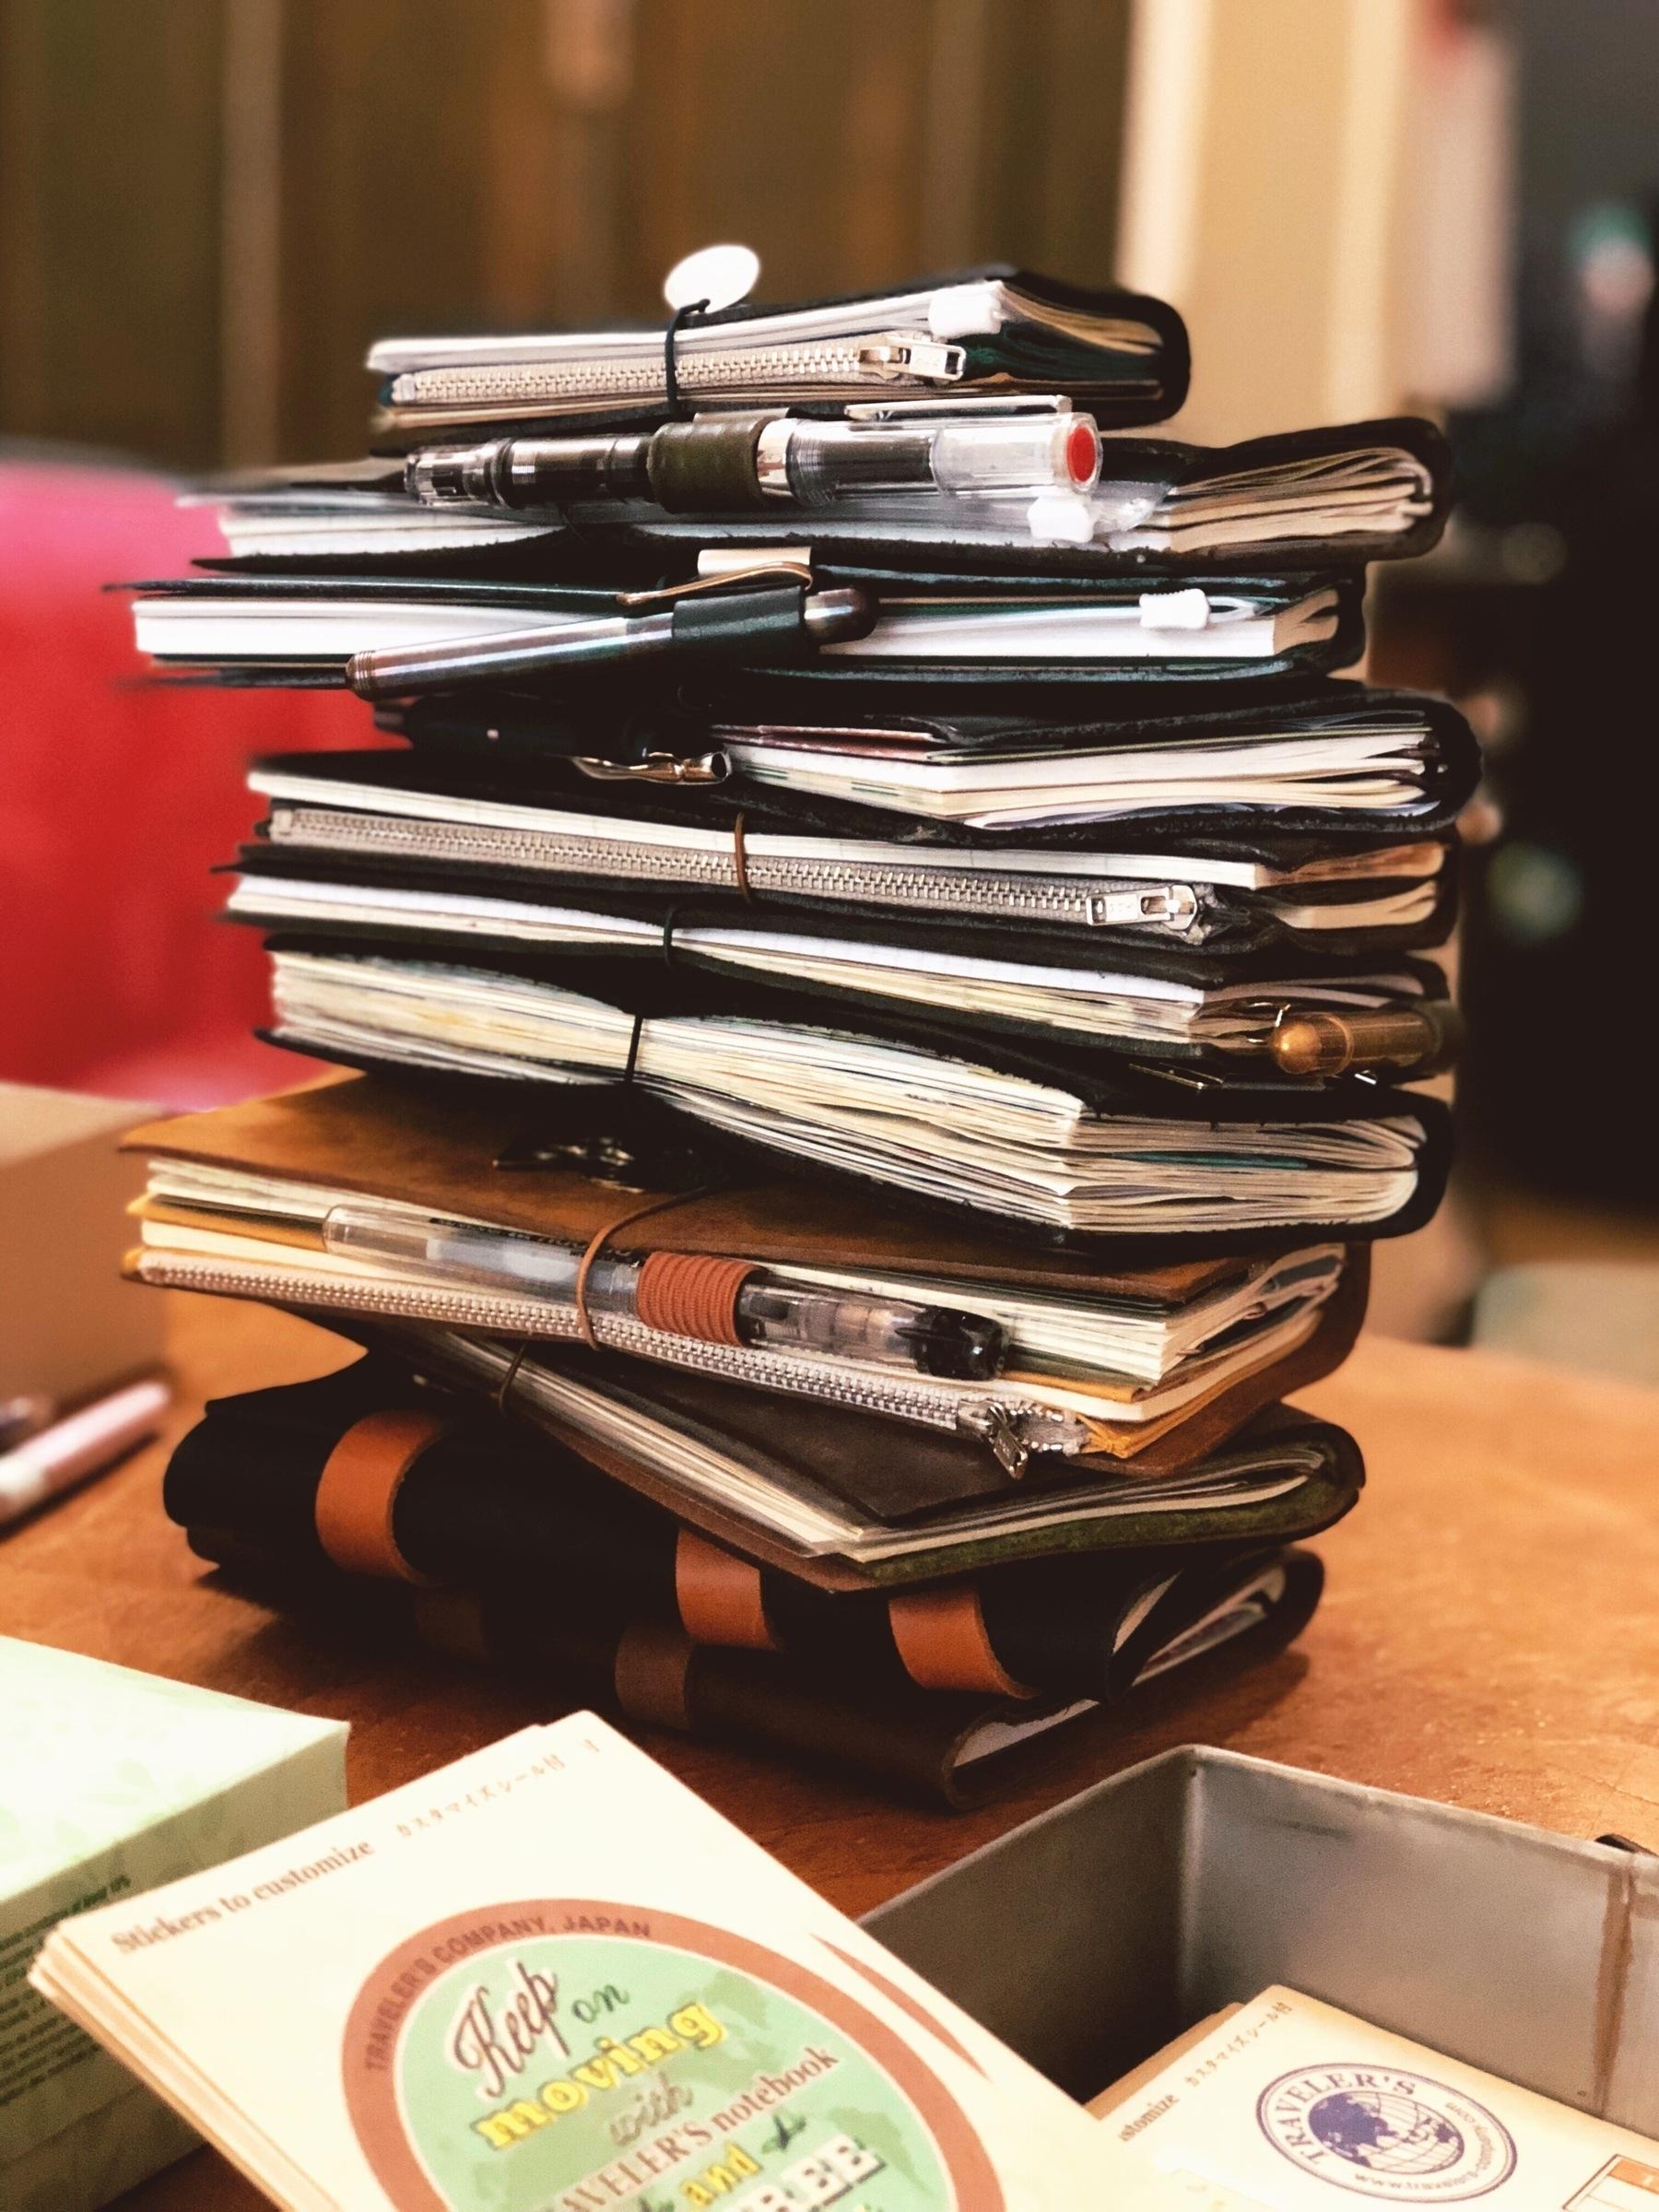 Stack of Traveler's Notebooks